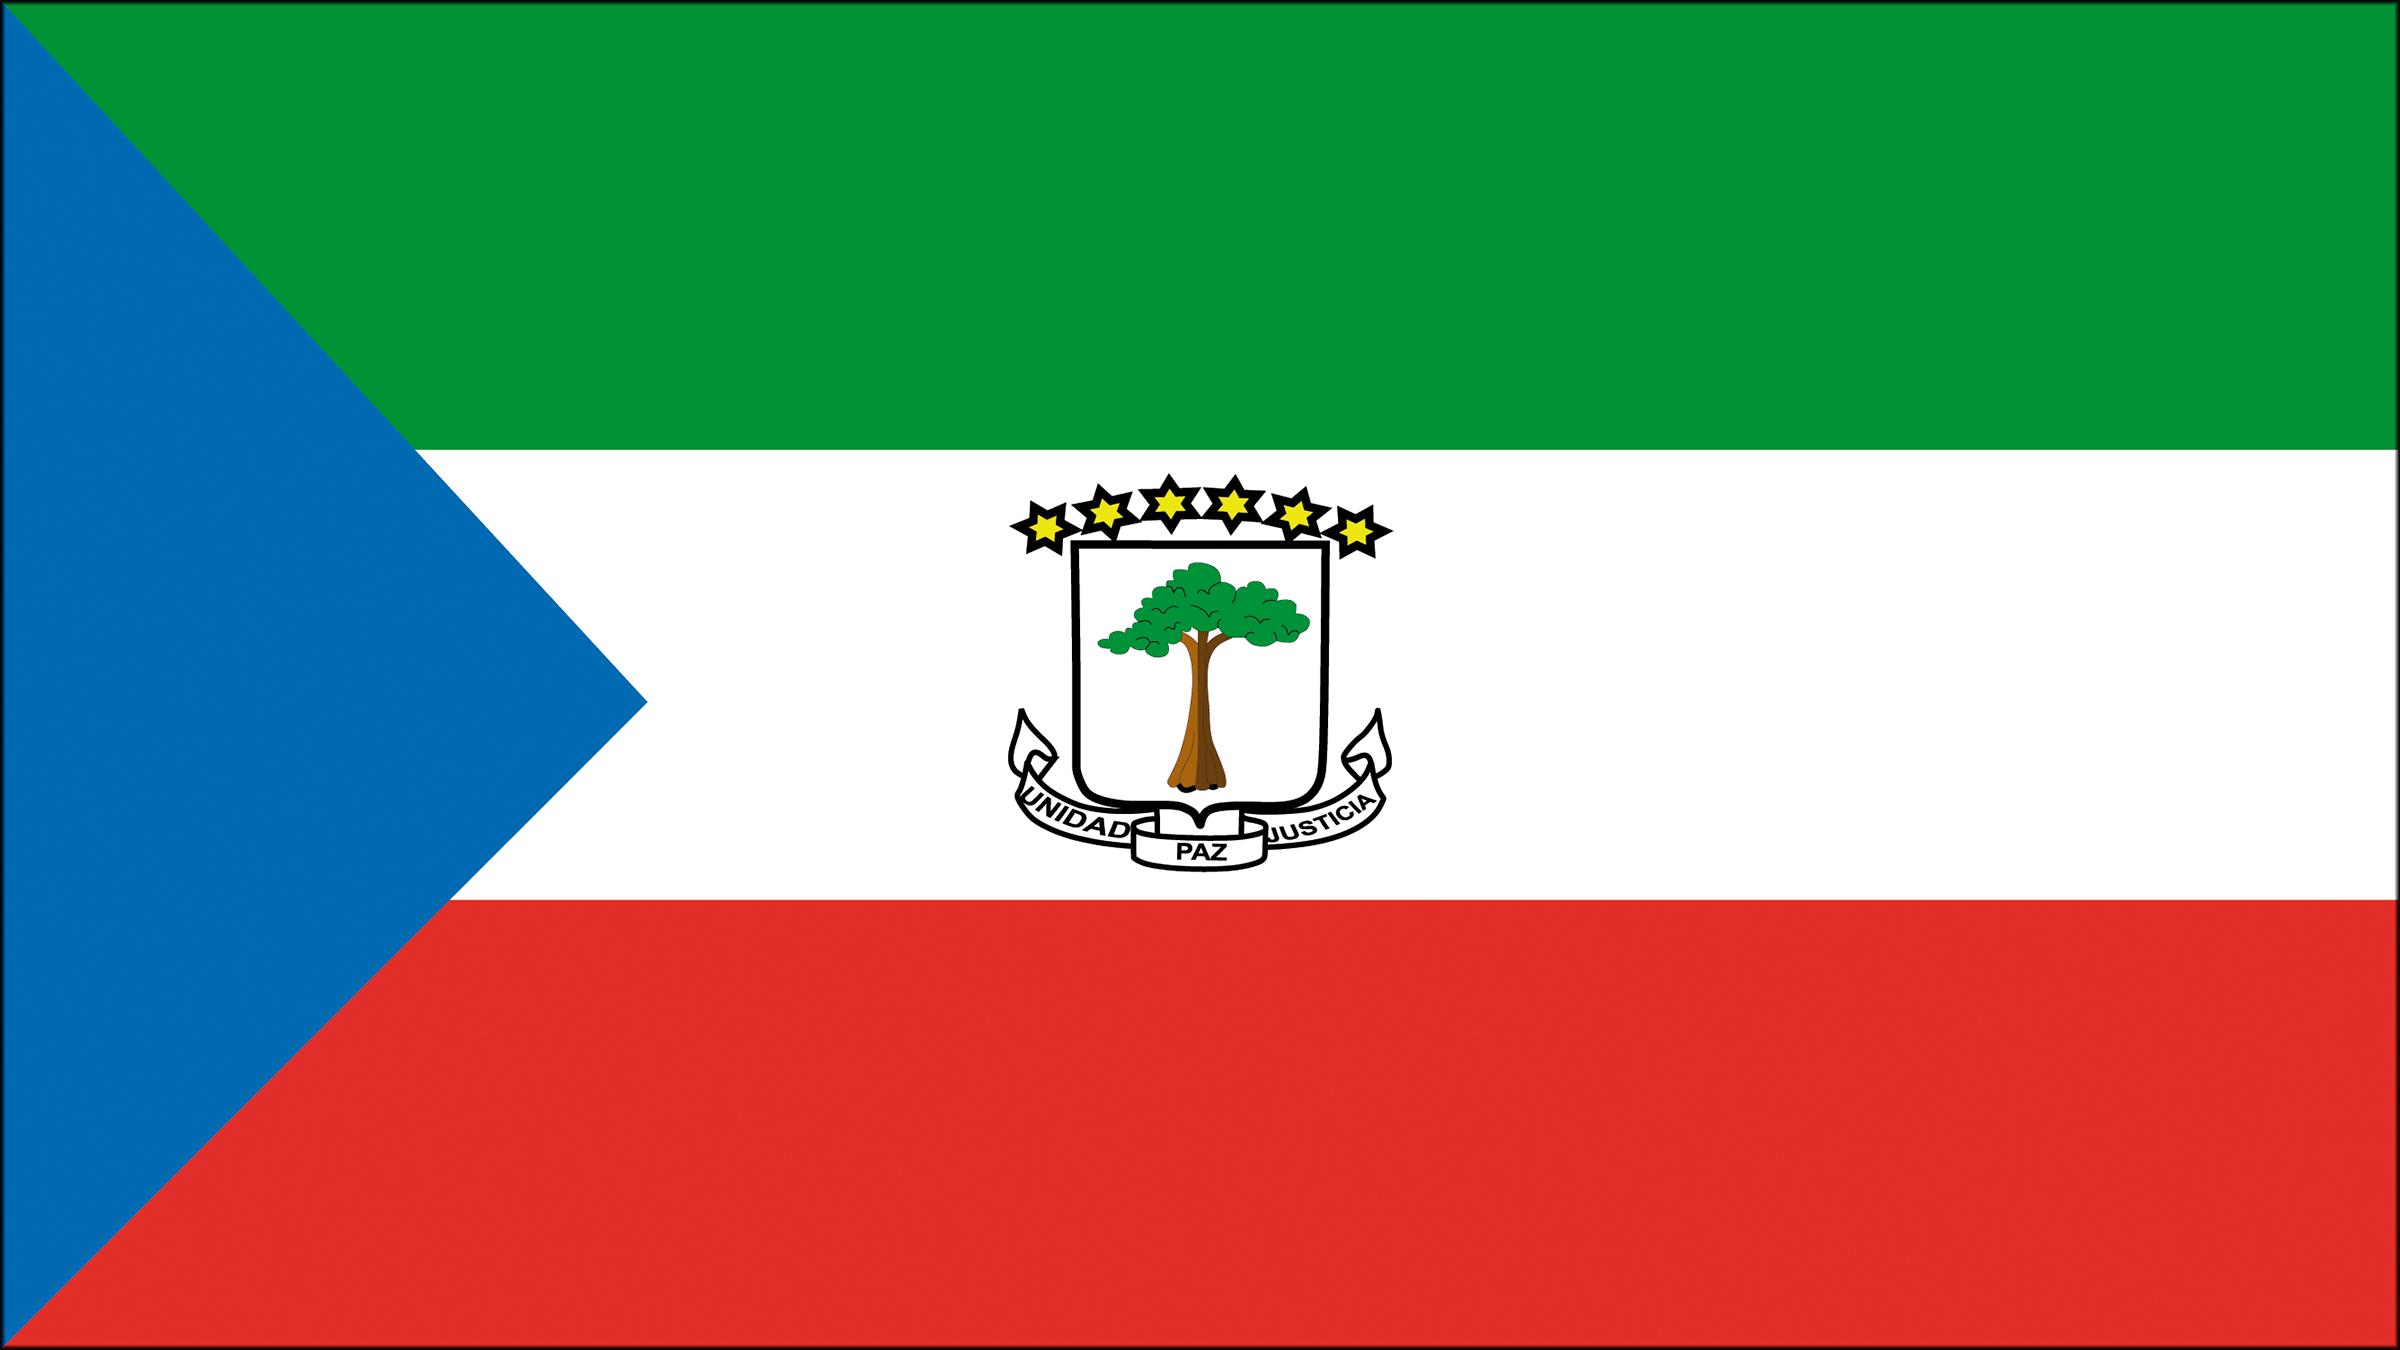 Bandera de Guinea Ecuatorial | Banderas y escudos | Pinterest ...